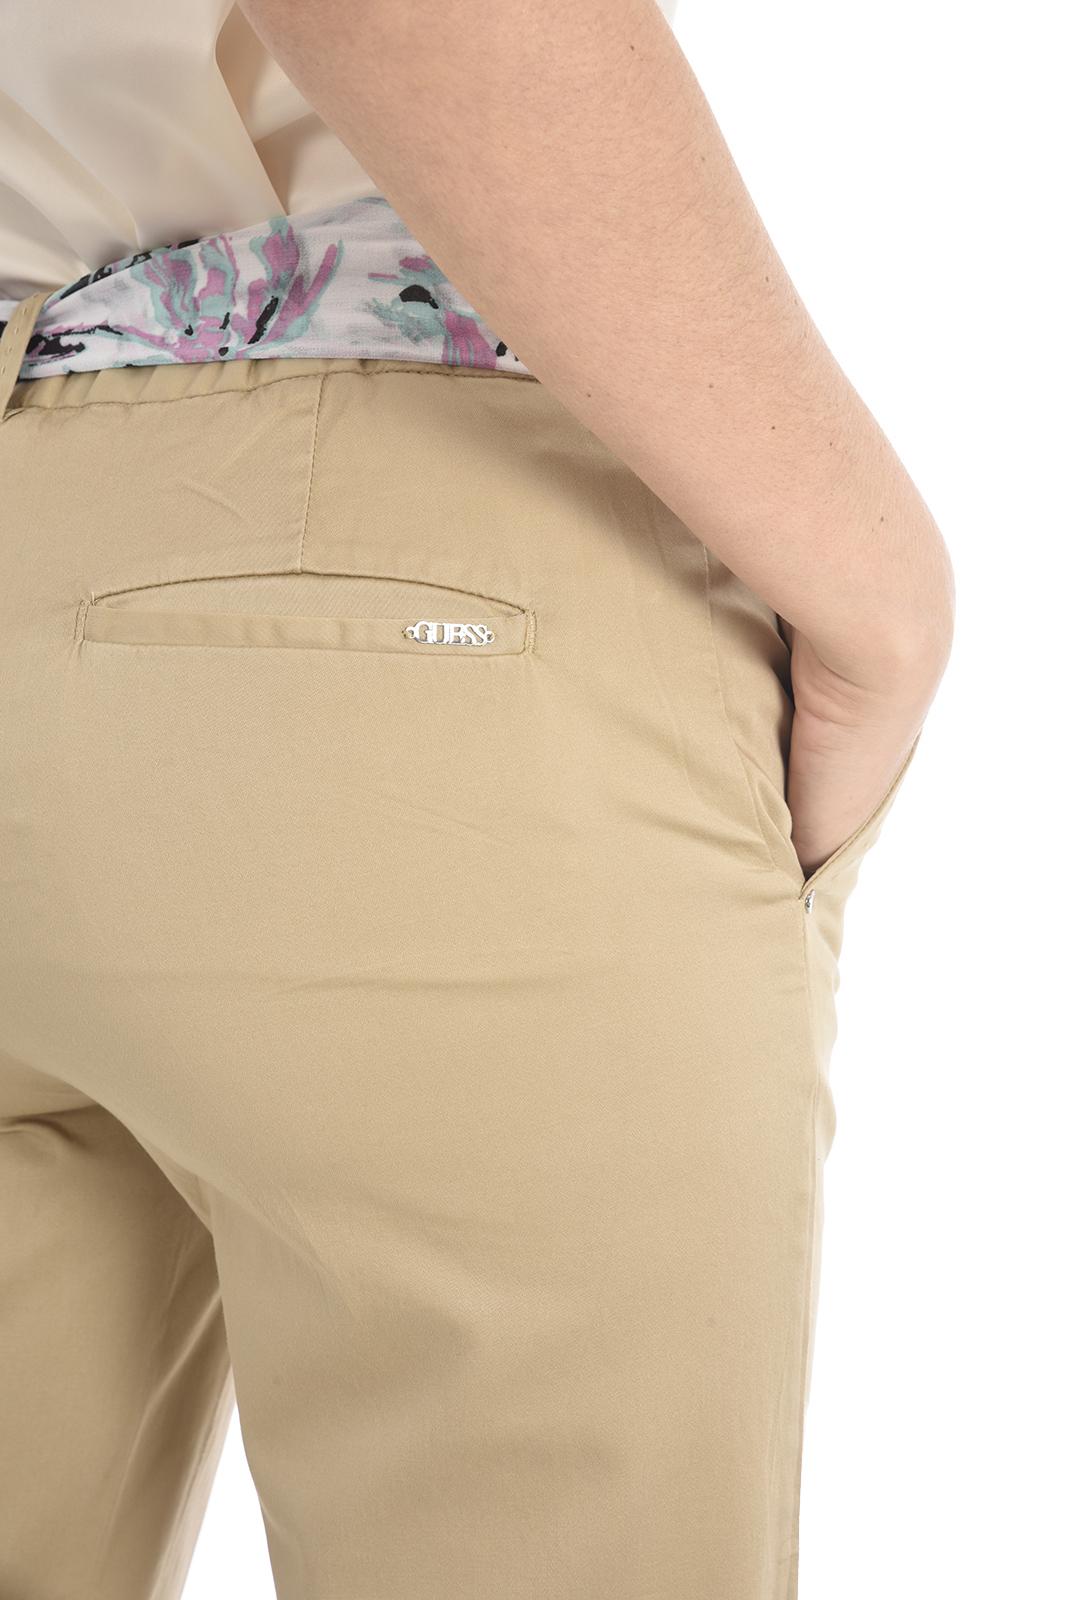 Pantalons  Guess jeans W82B12 WA0C0 E118 INDIAN BROWN